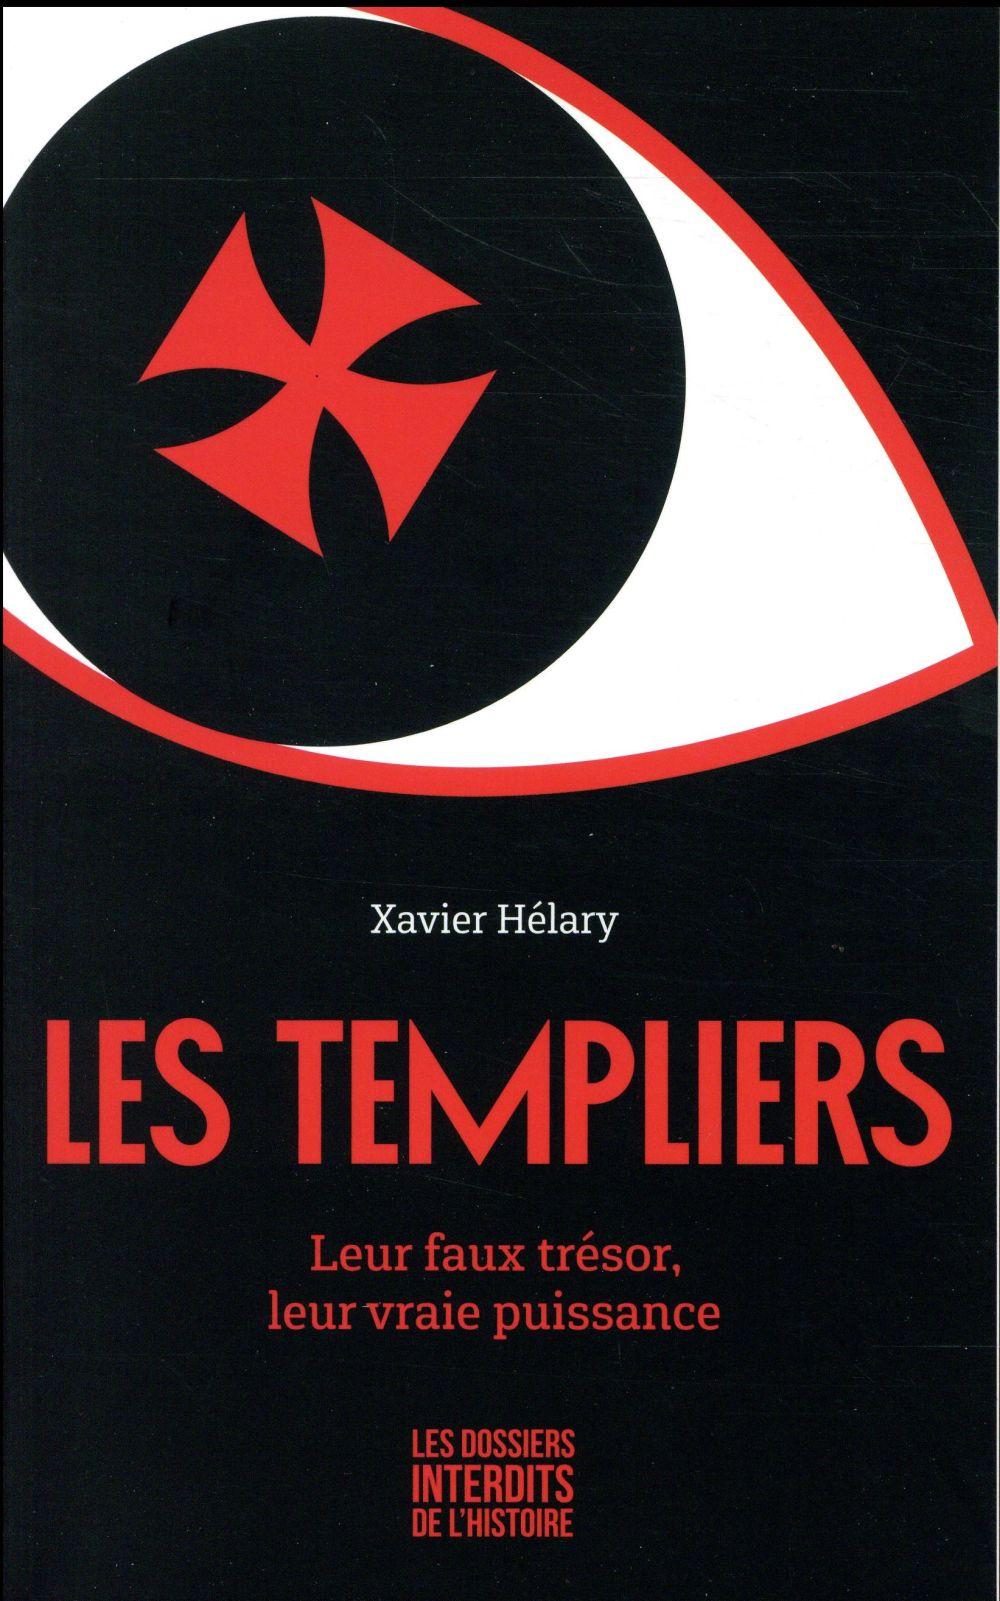 LES TEMPLIERS - LEUR FAUX TRESOR, LEUR VRAIE PUISSANCE  FIRST